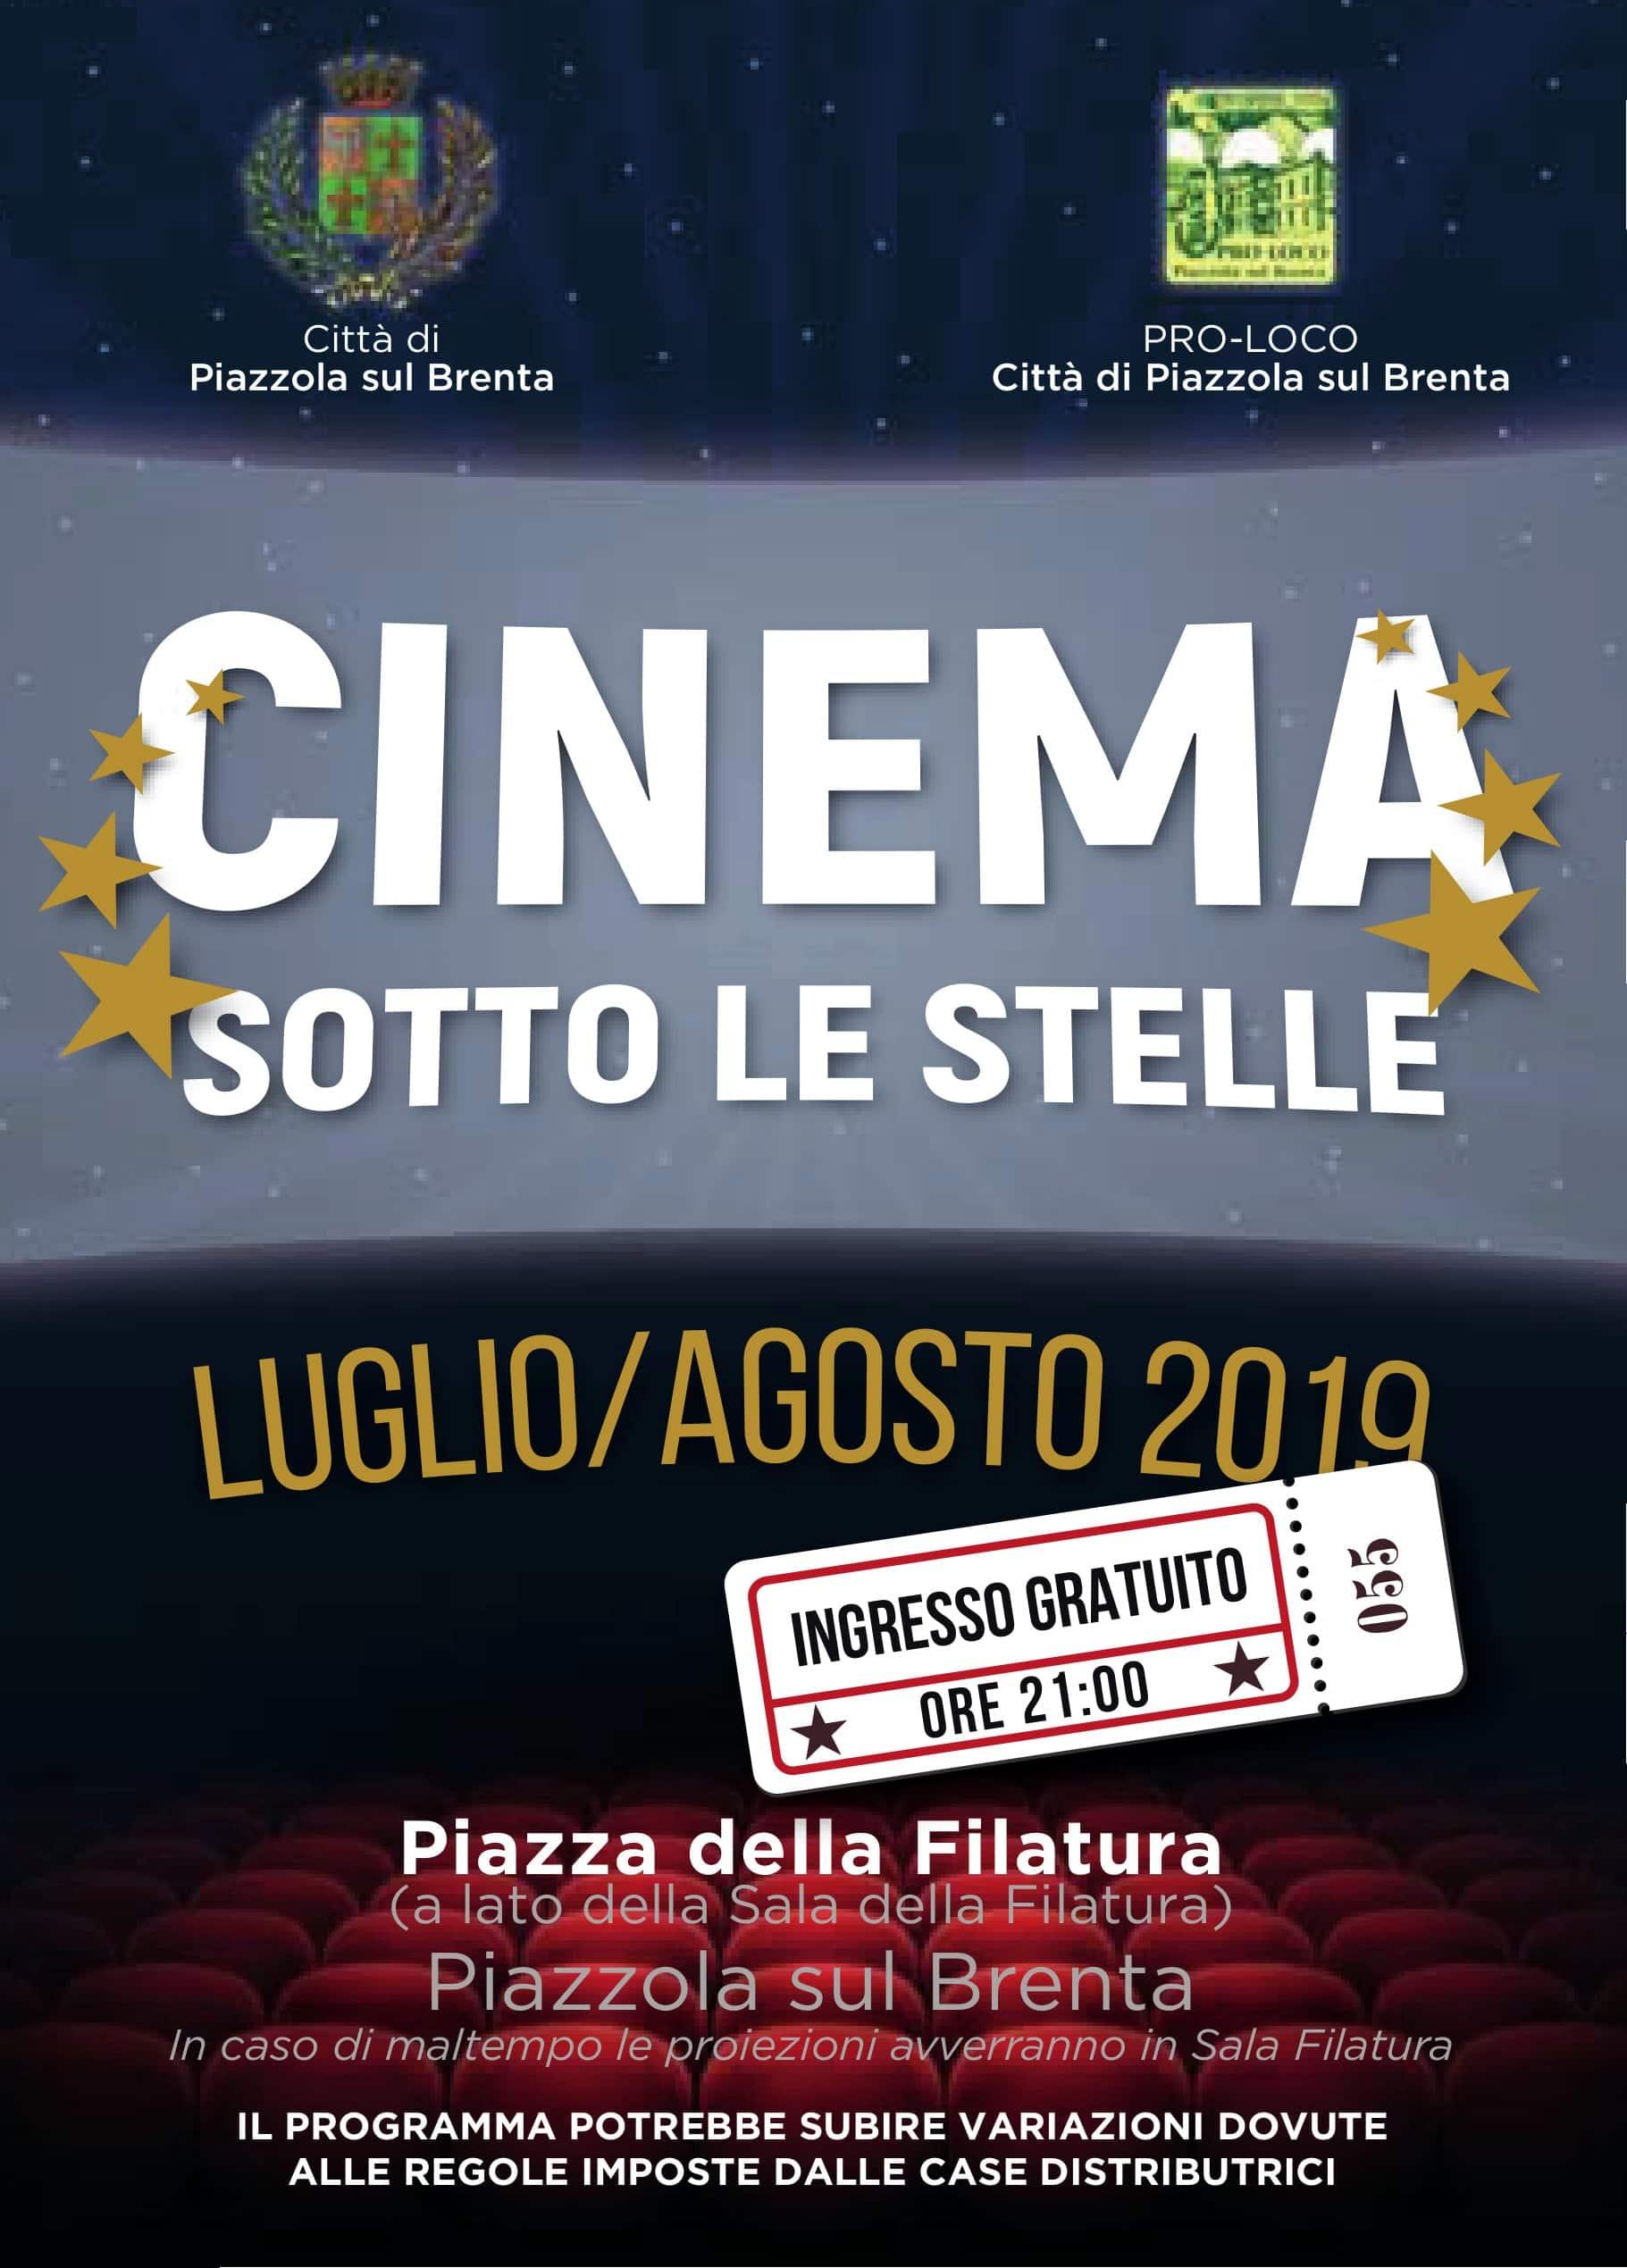 Calendario Cinema Petrarca.Cinema Sotto Le Stelle Tutte Le Proiezioni A Piazzola Sul